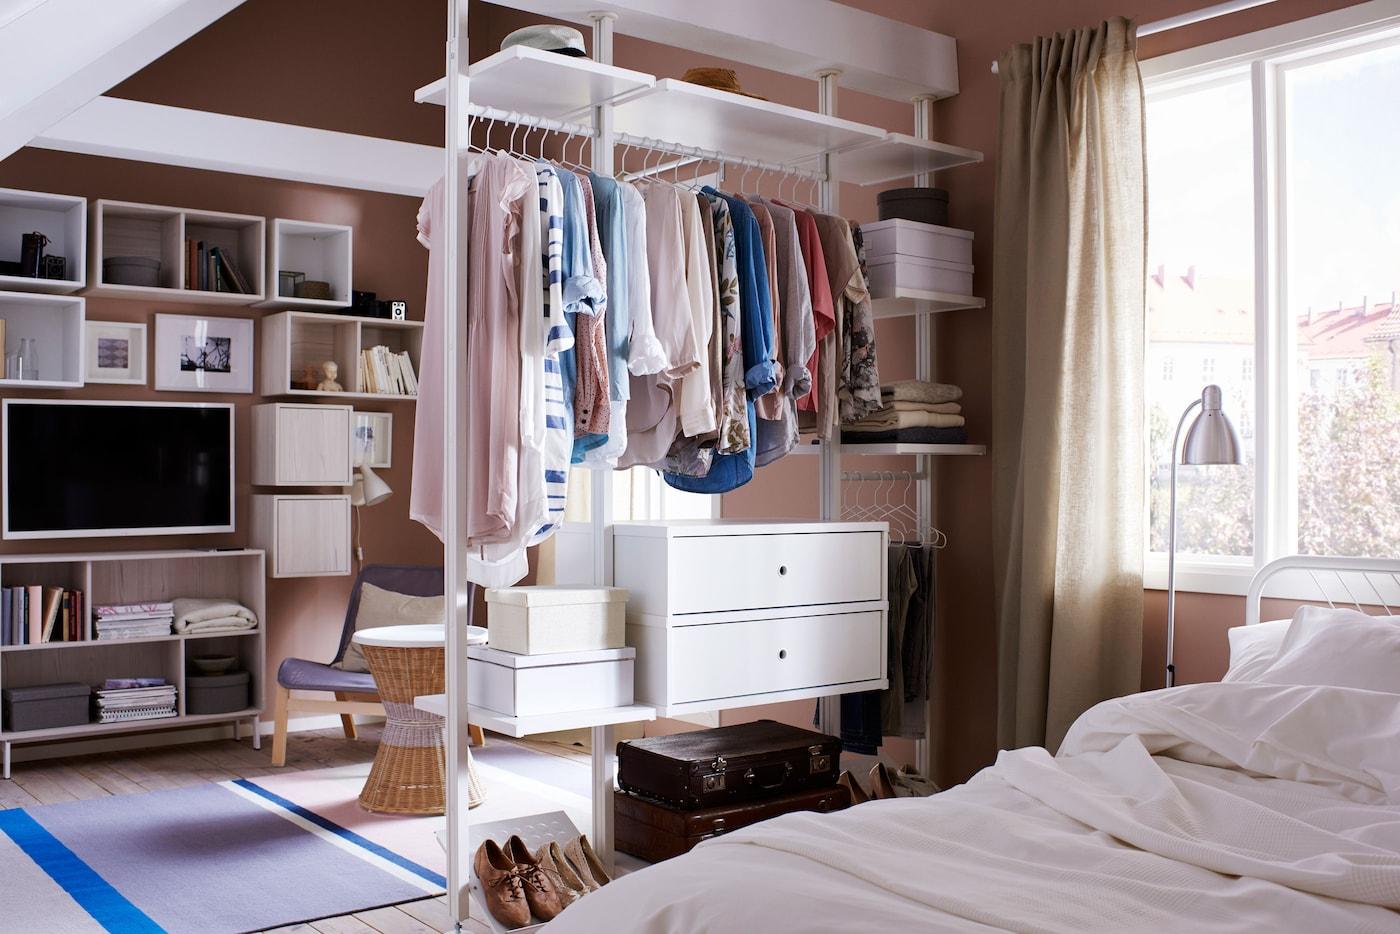 Dieser offene Kleiderschrank dient gleichzeitig als Raumteiler im Boutiquestil.